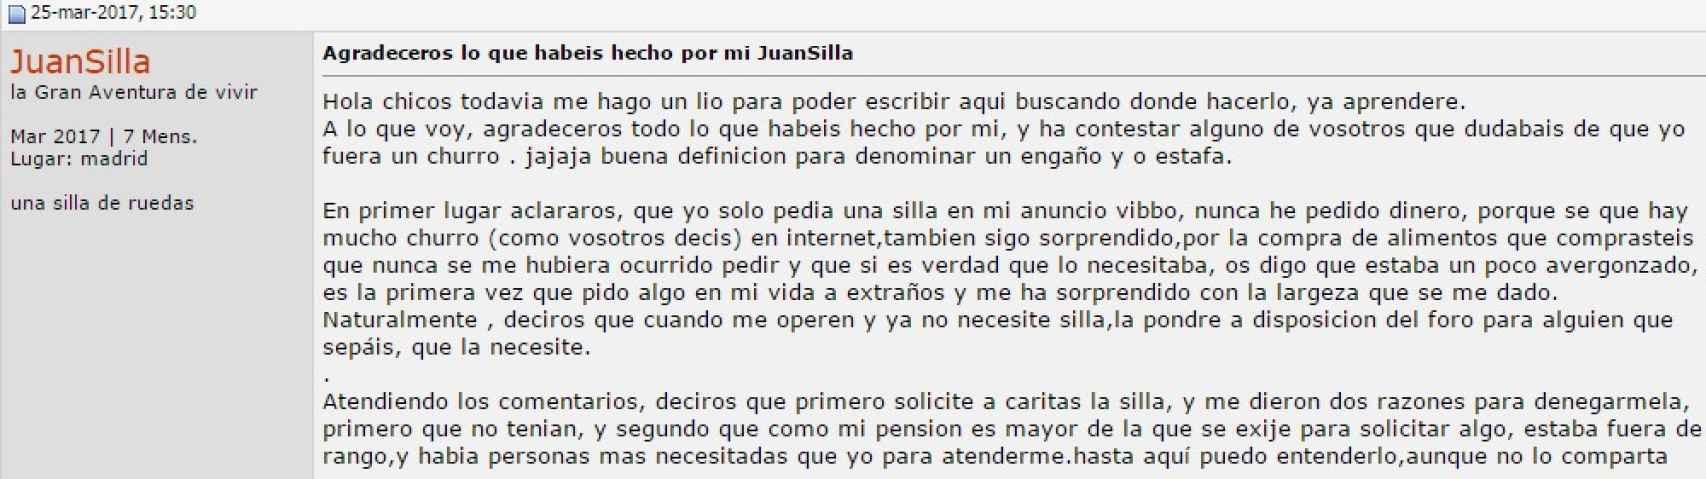 'JuanSilla' el usuario creado para el receptor de la silla en Forocoches